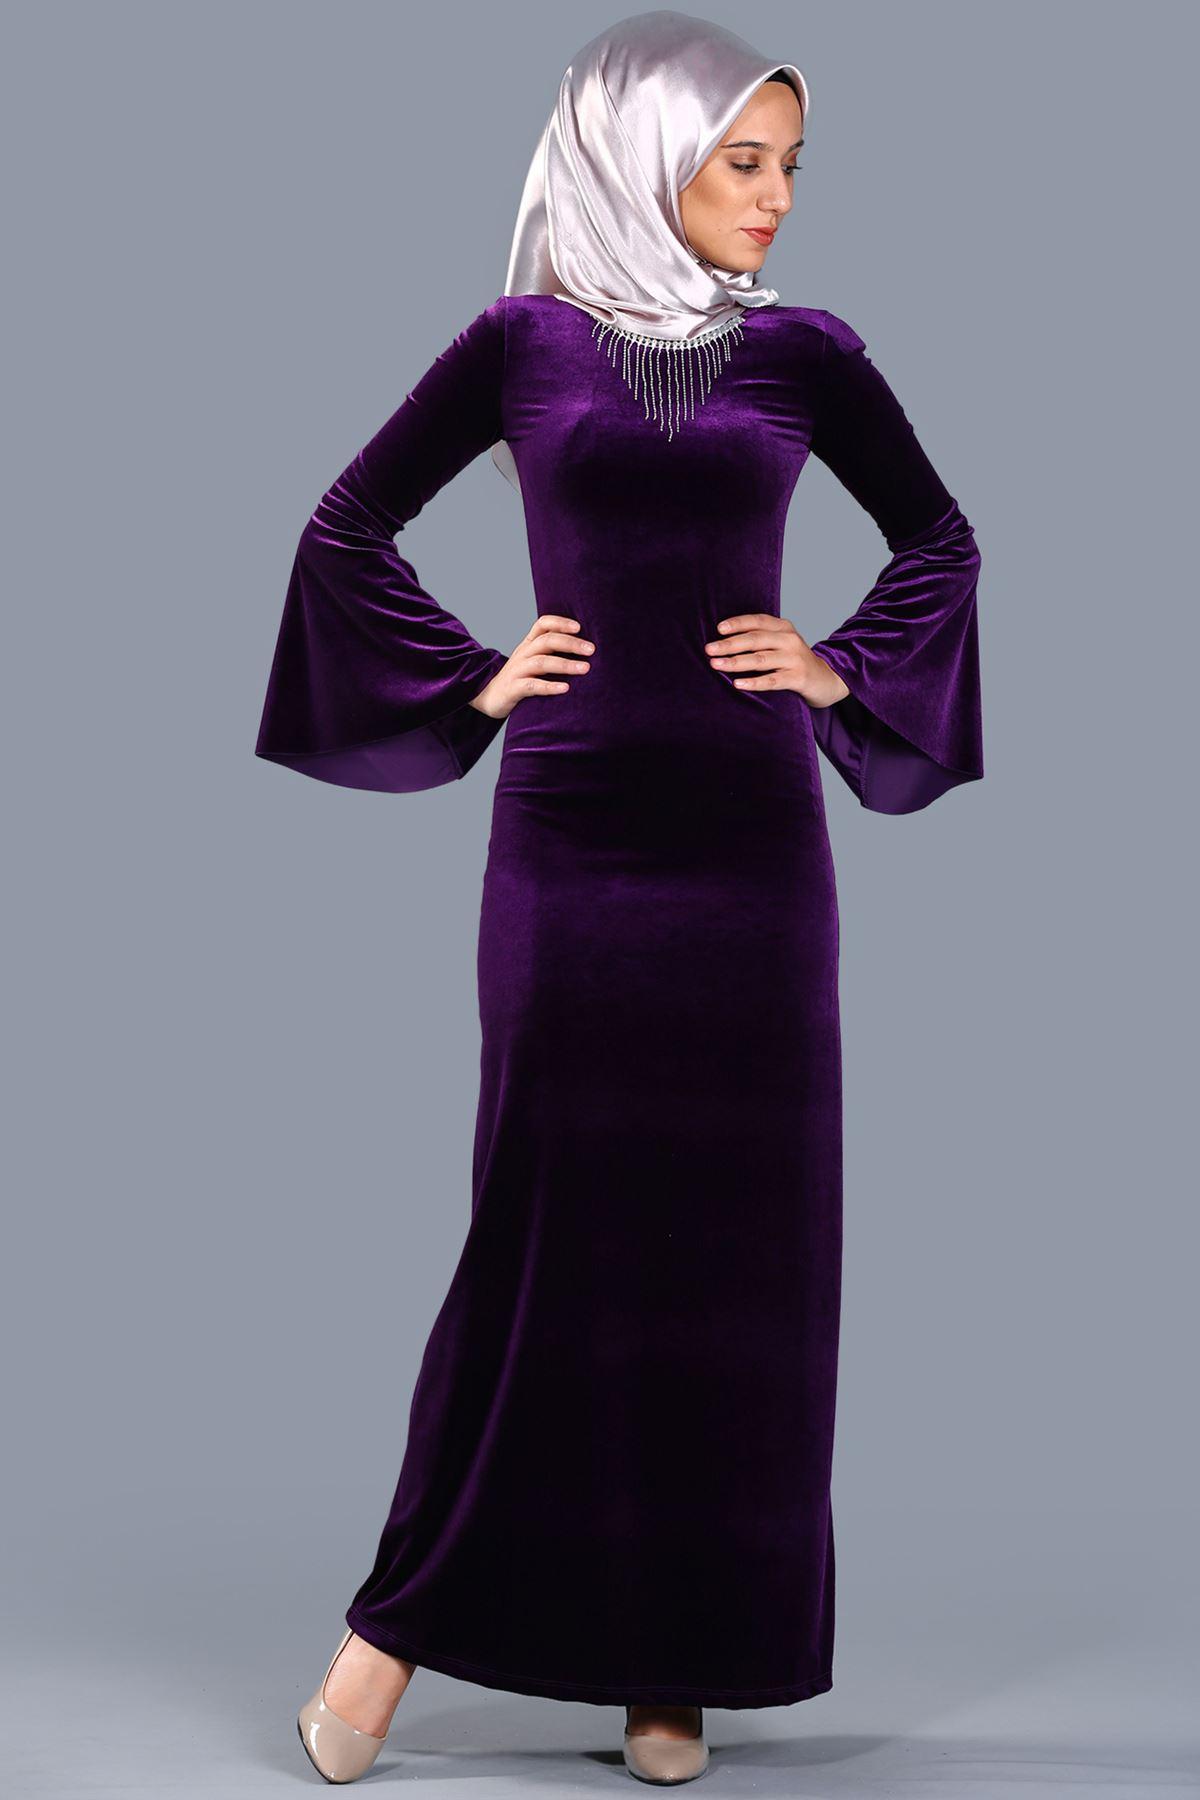 2018 Patirti.Com Tesettur Abiye Modelleri 7 - 2018 Sedanur Tesettür Abiye Elbise Modelleri